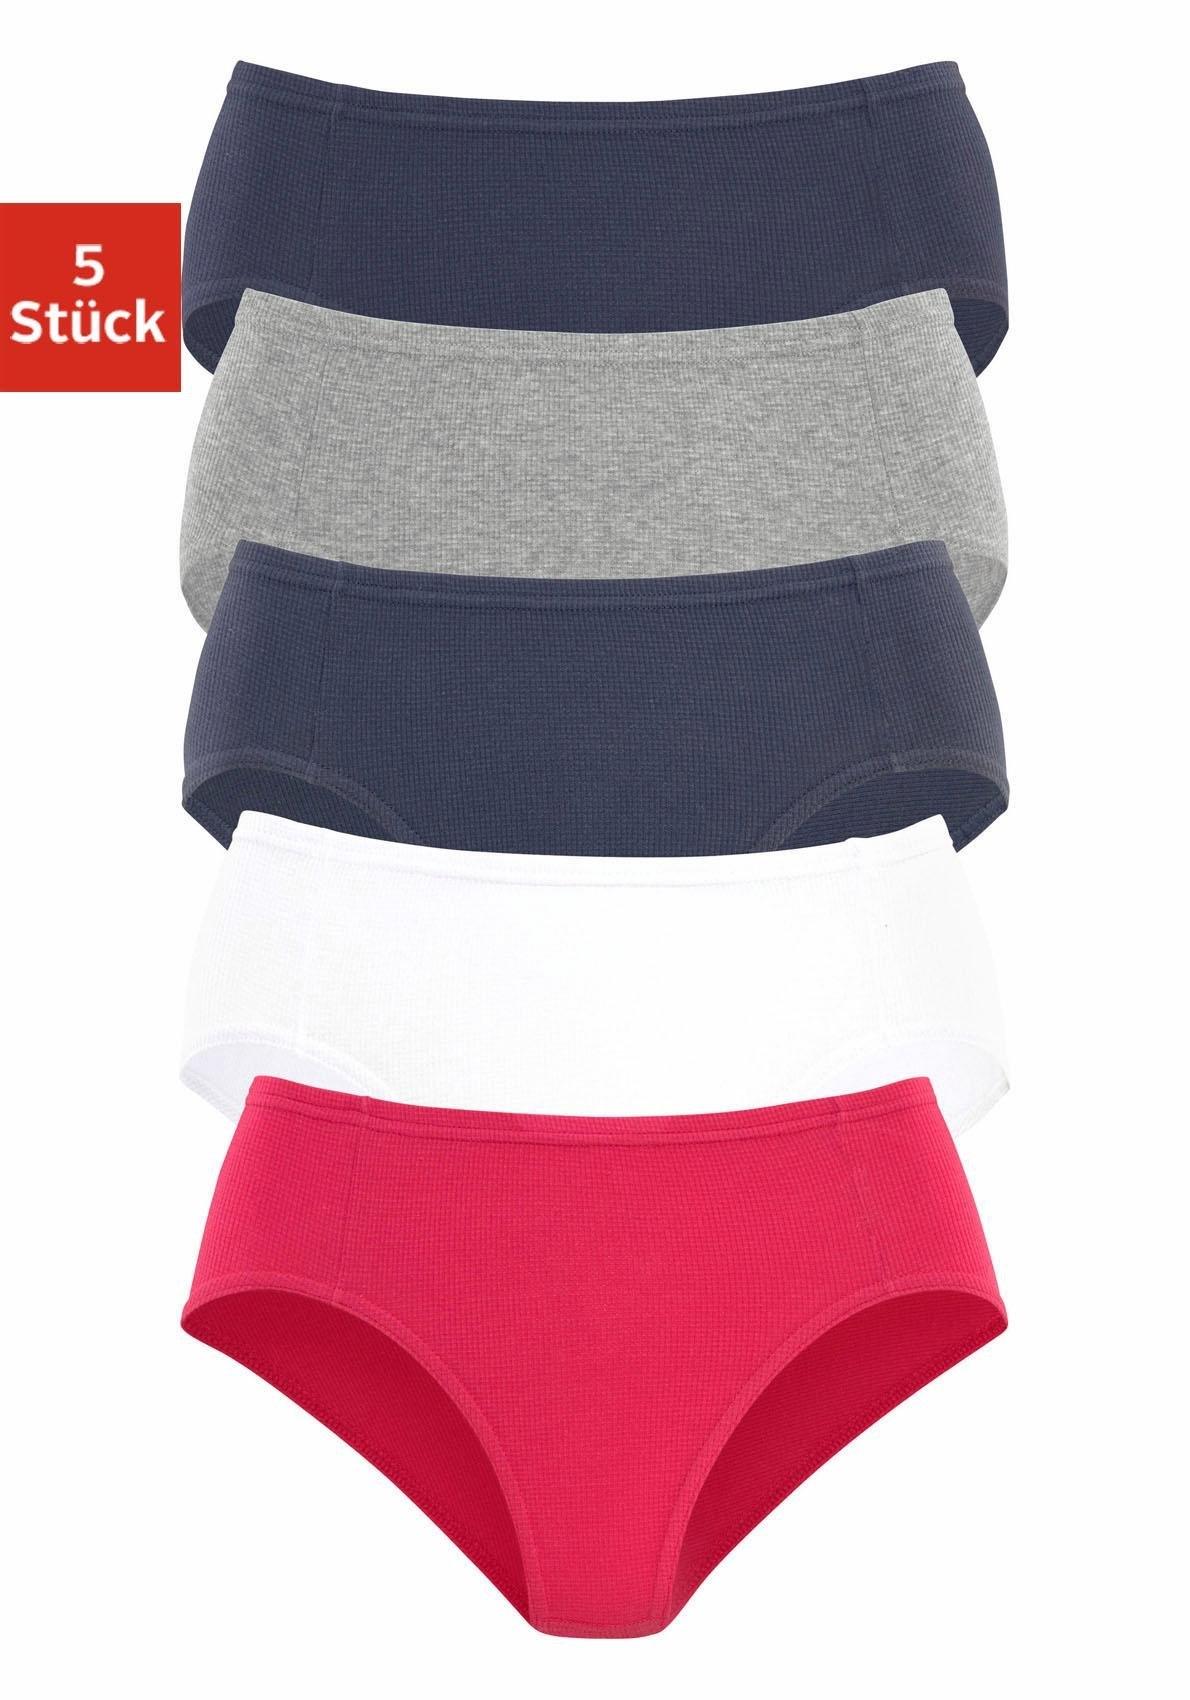 Petite Fleur Jazzpants, set van 5 voordelig en veilig online kopen